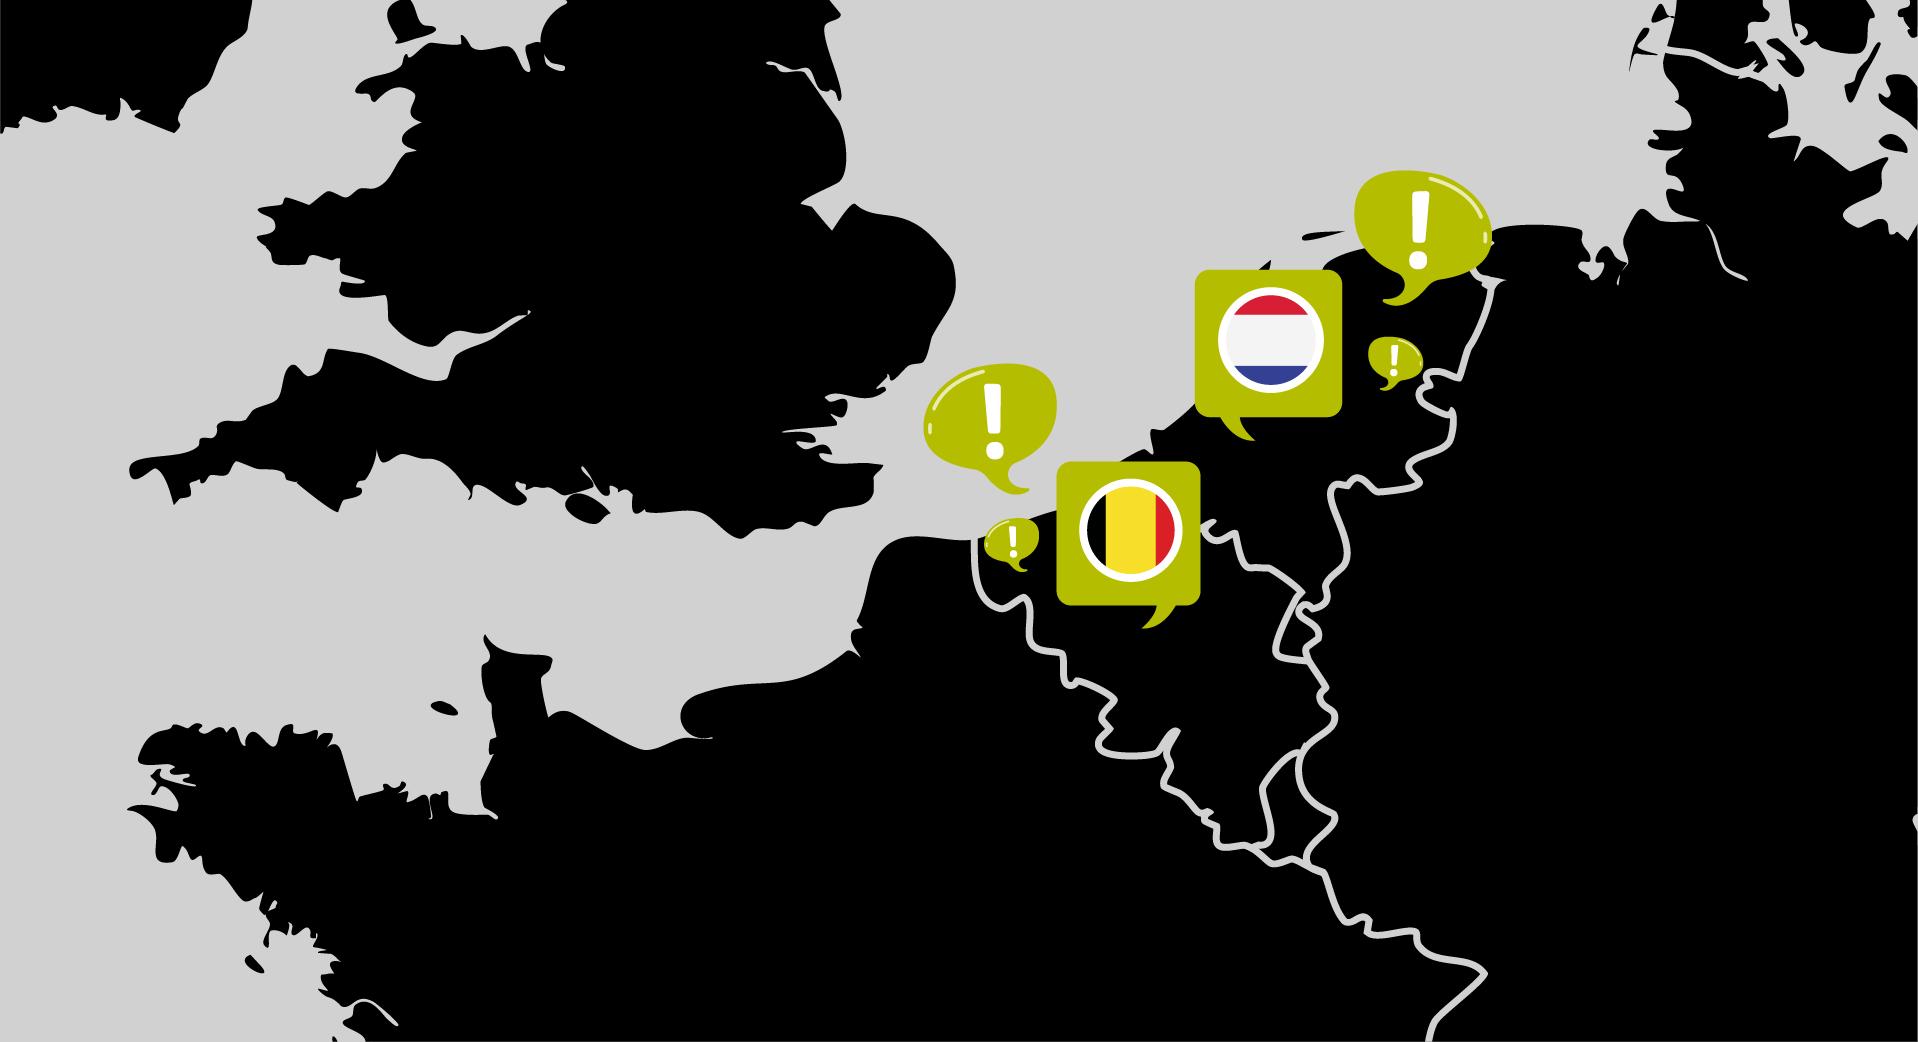 Vlaams en Nederlands - verschillen